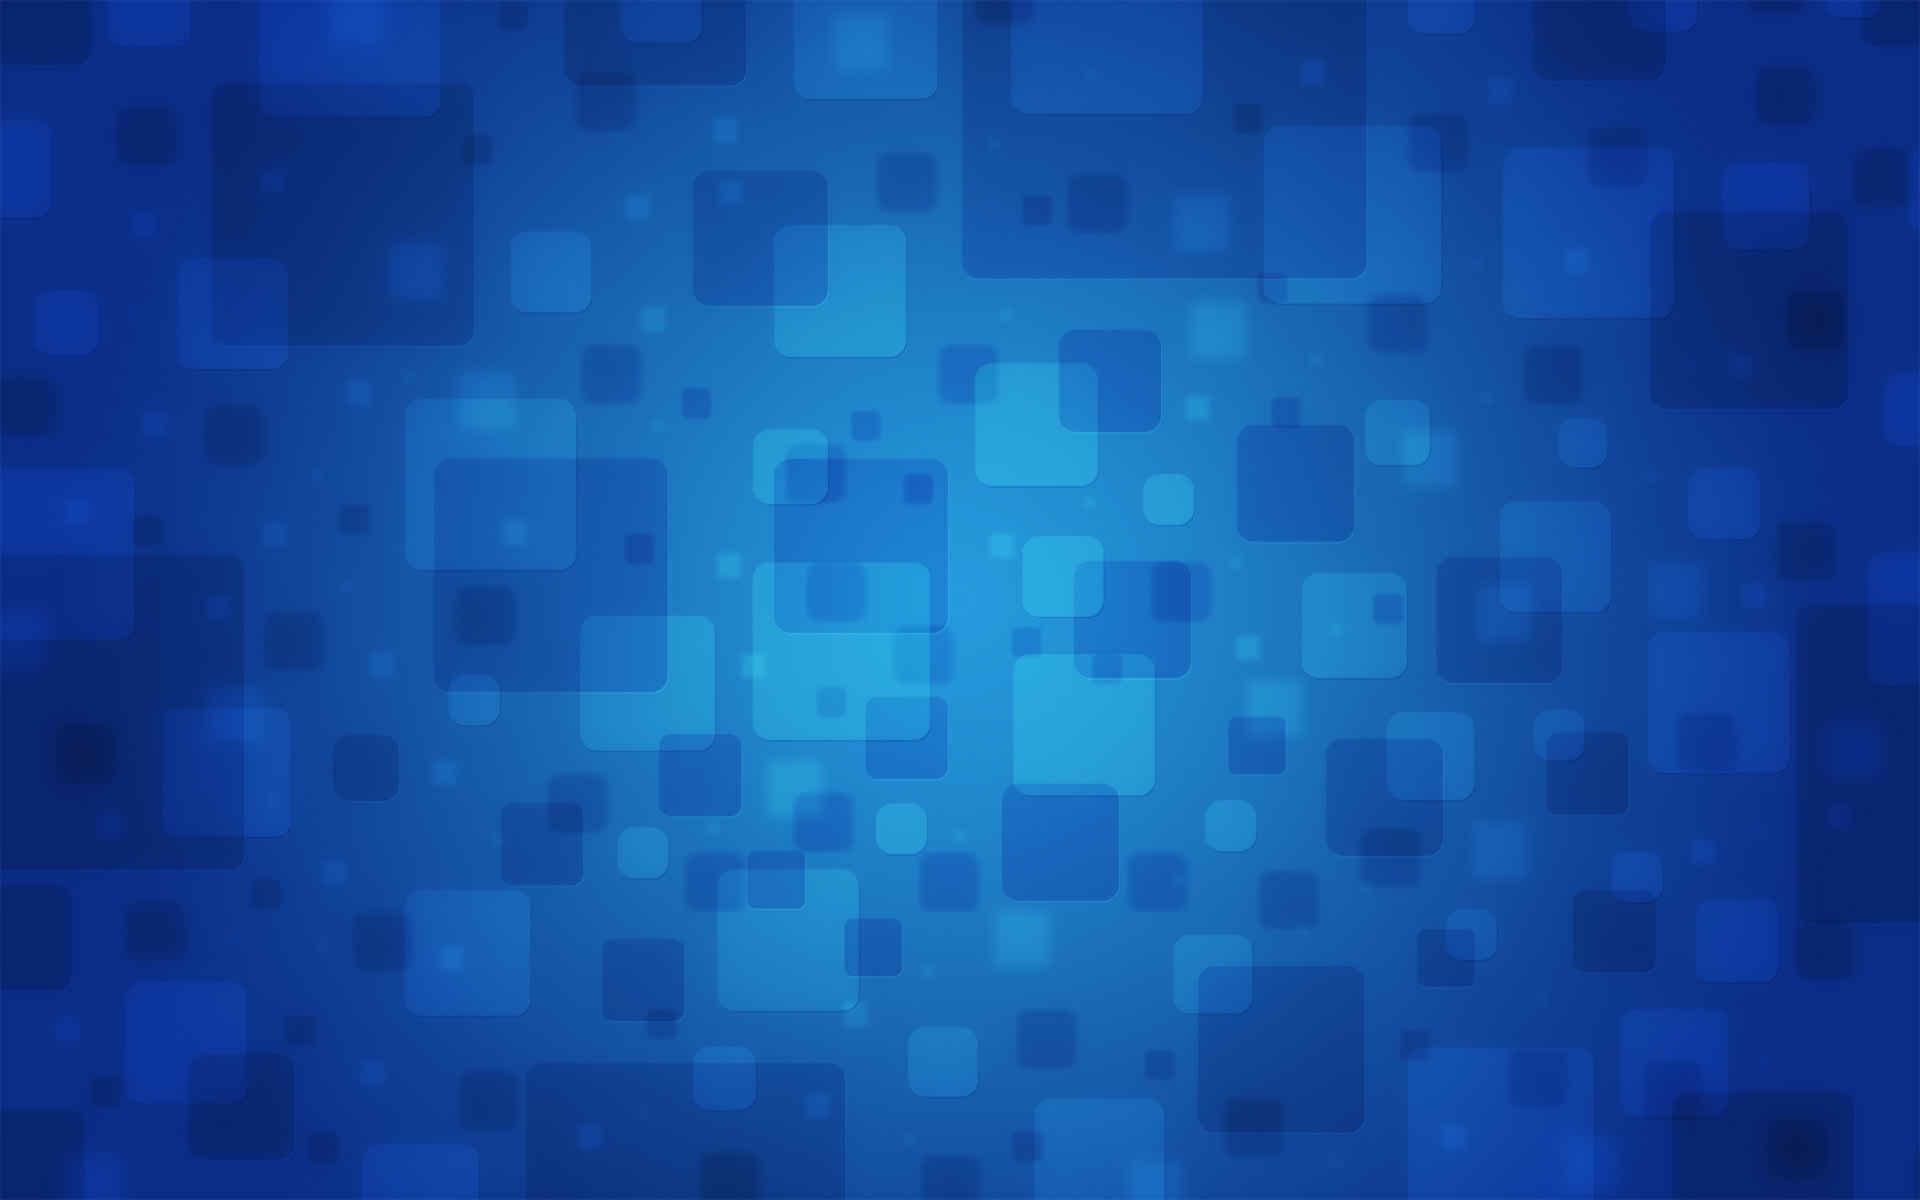 Hình ảnh background nền xanh ô vuông đầu tròn